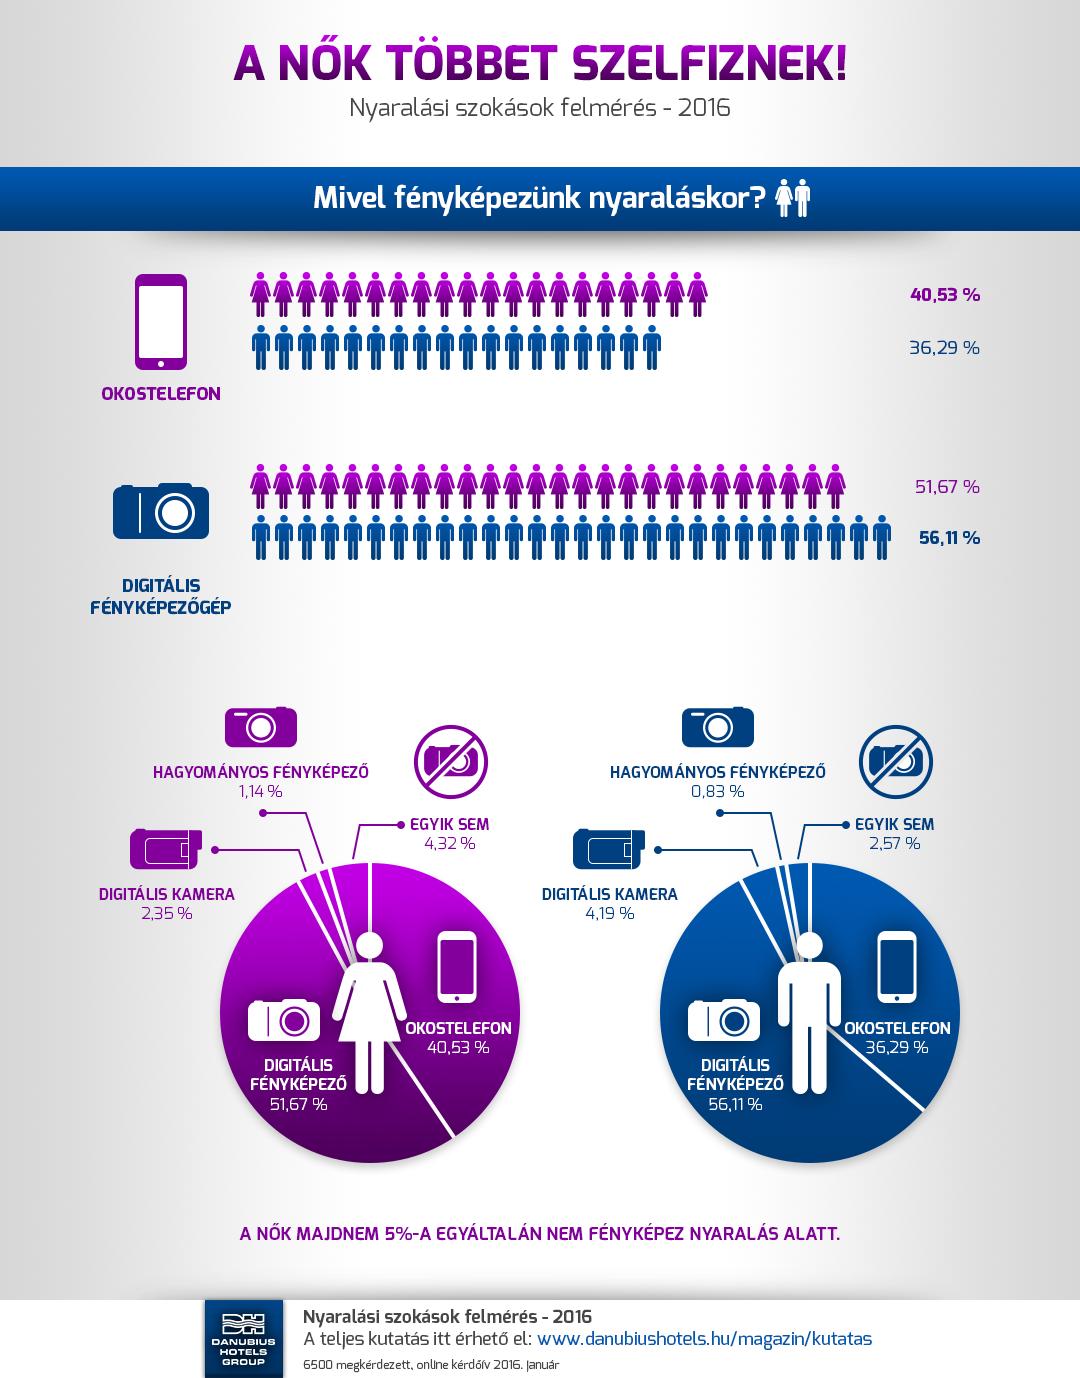 Nyaralási szokások felmérés - 2016 - A nők többet szelfiznek